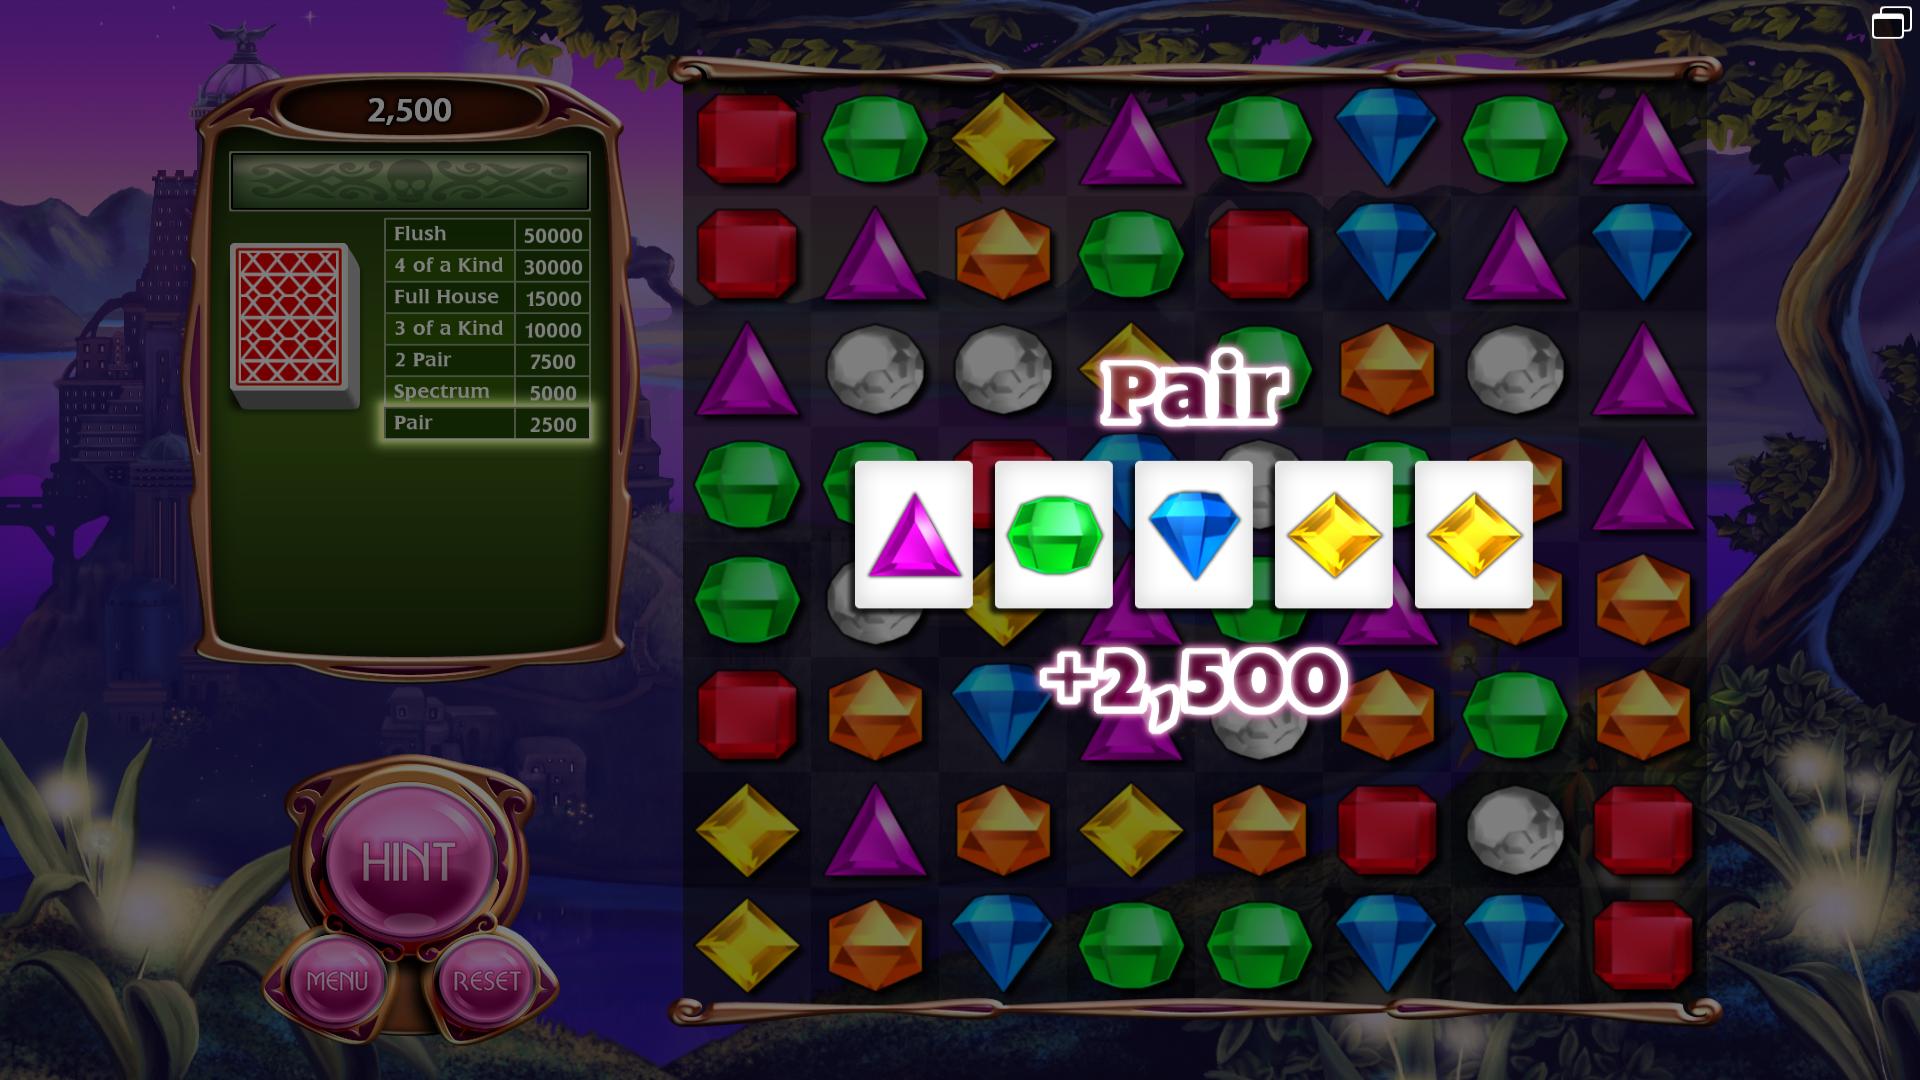 Bejeweled 3 poker mode free download fish game gambling